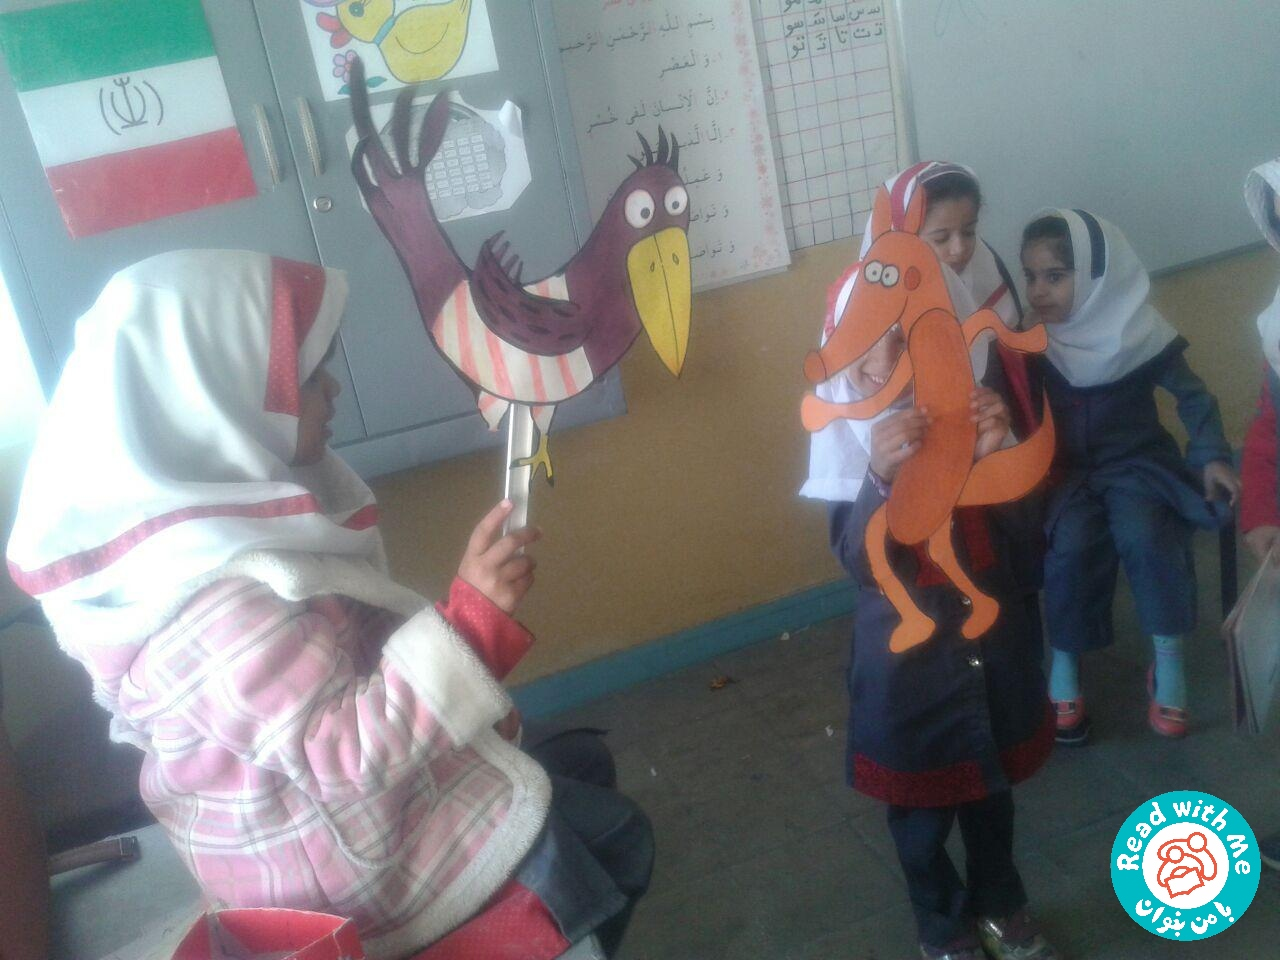 آموزش واک ر، ایرانشهر، دی 96